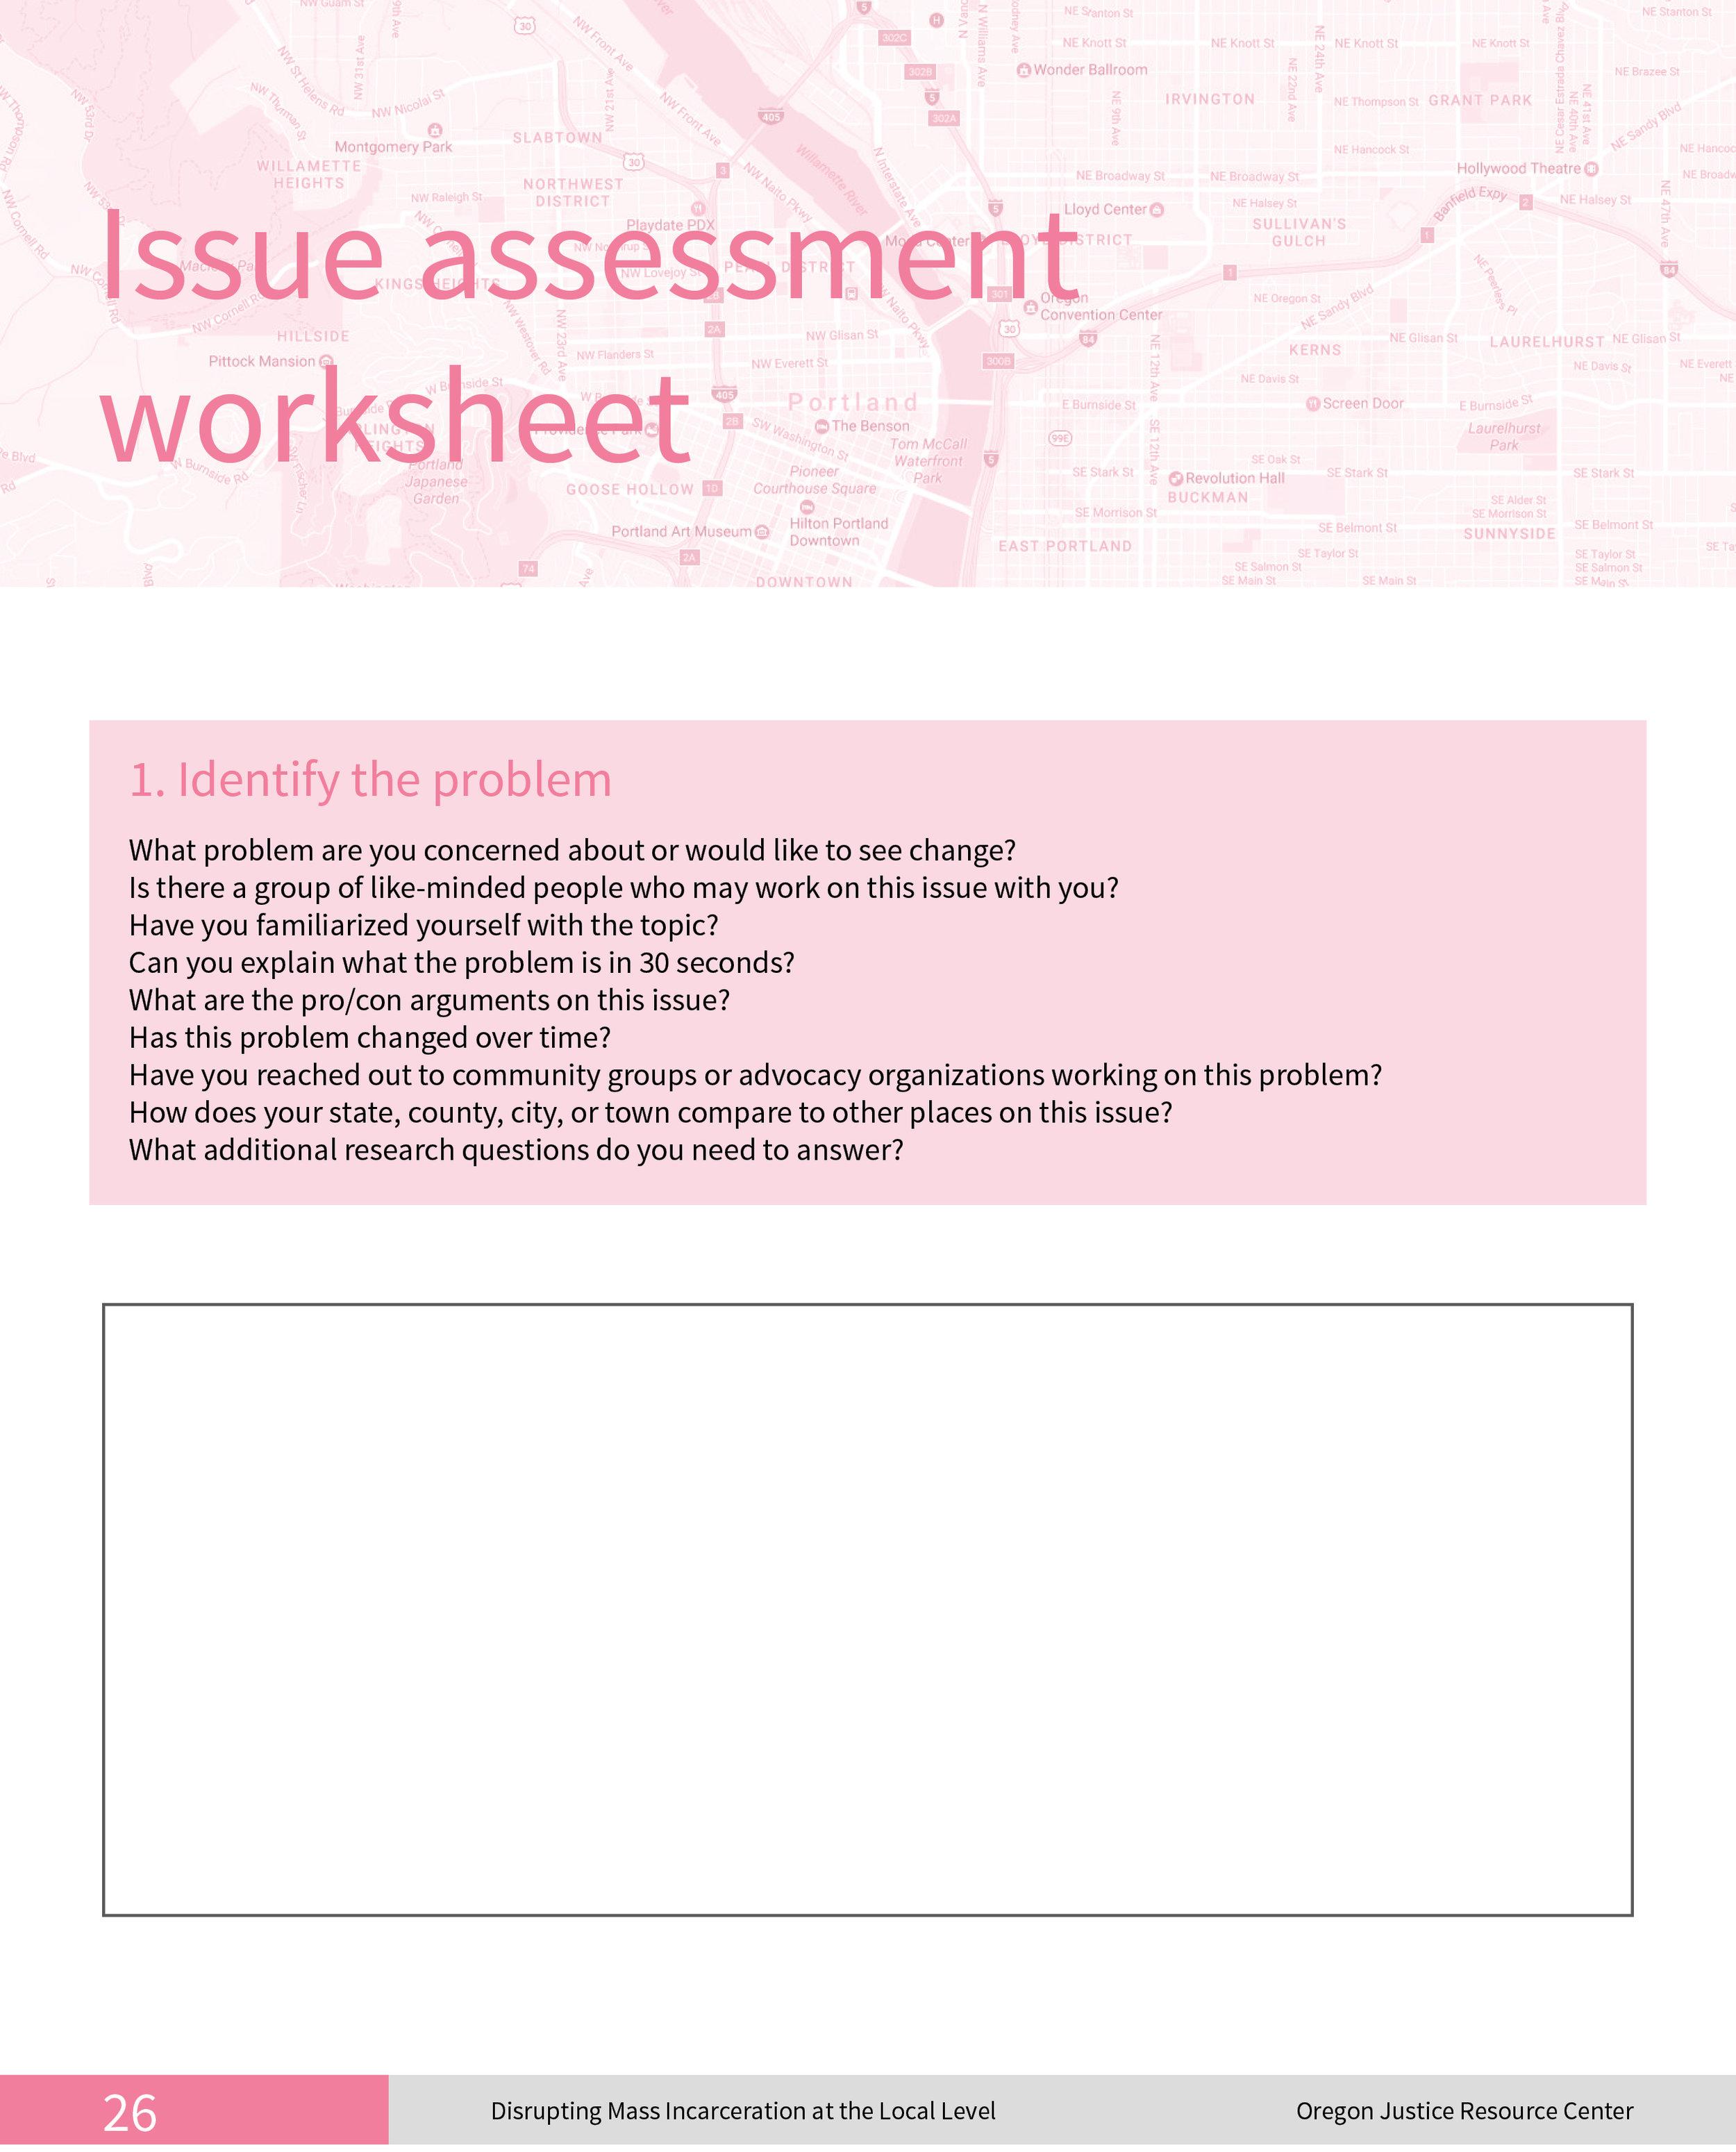 Issue Assessment Worksheet